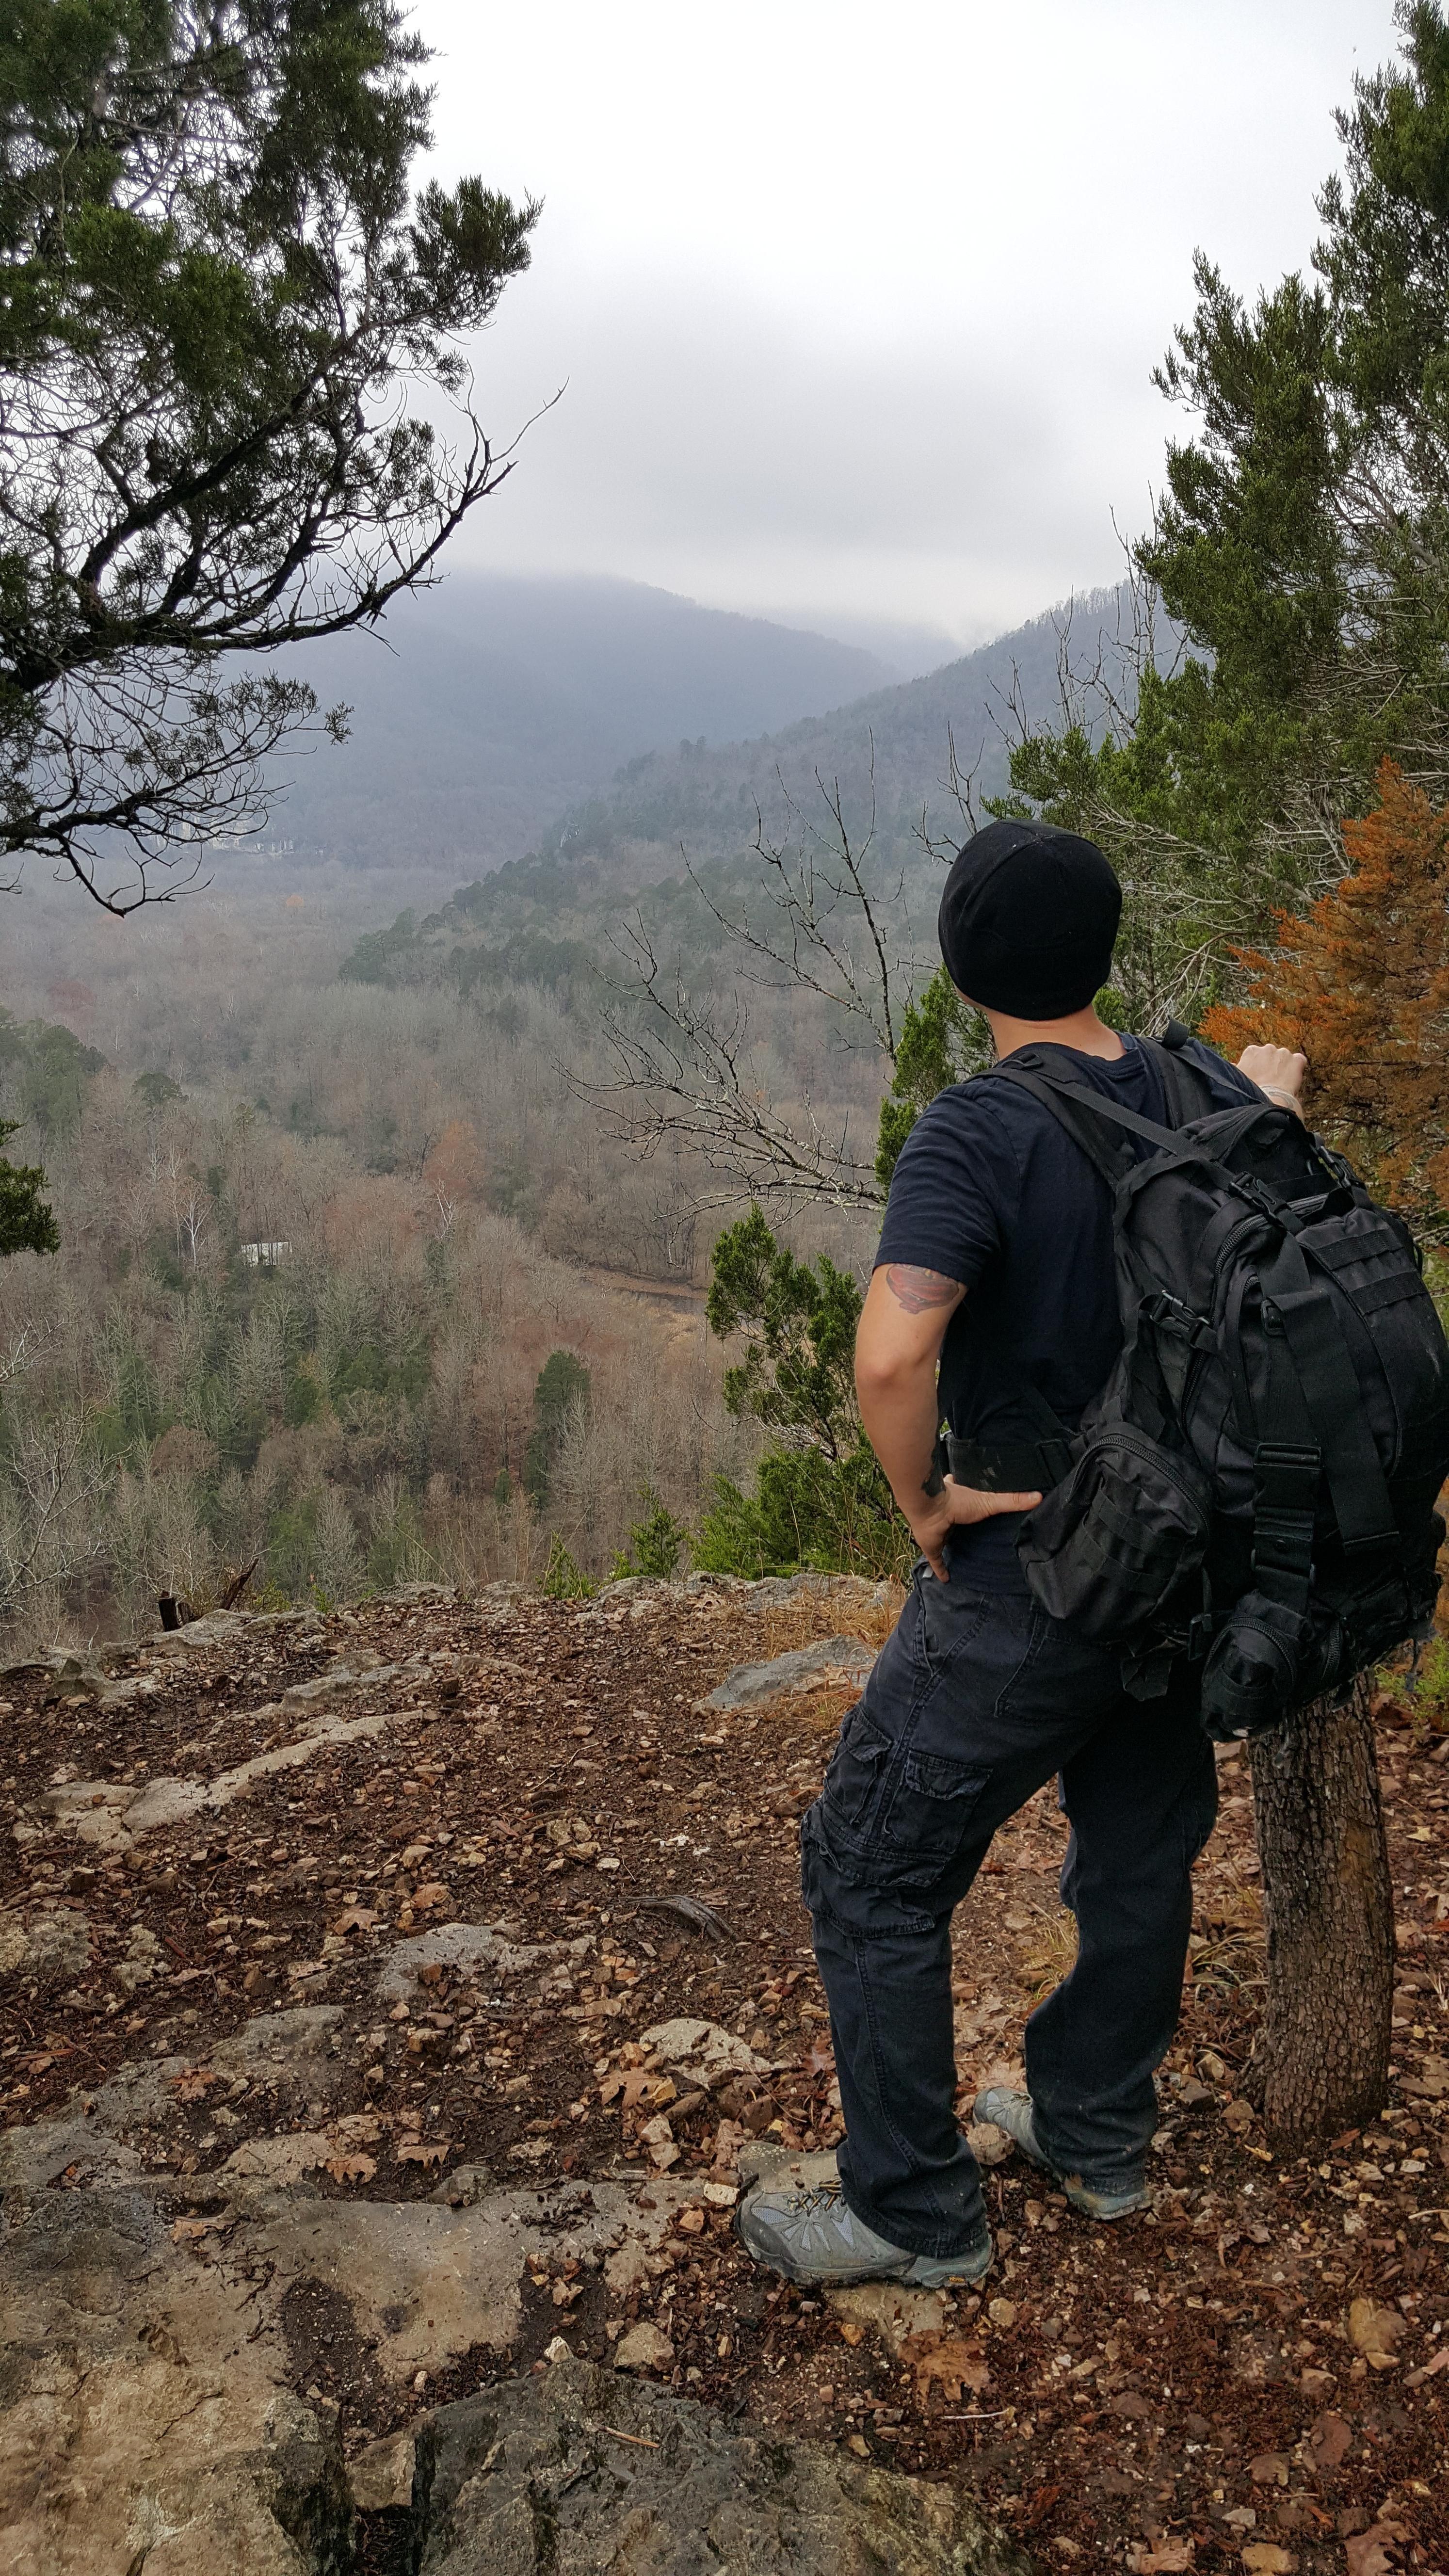 Steel creek hike near fayetteville arkansas in my ninja